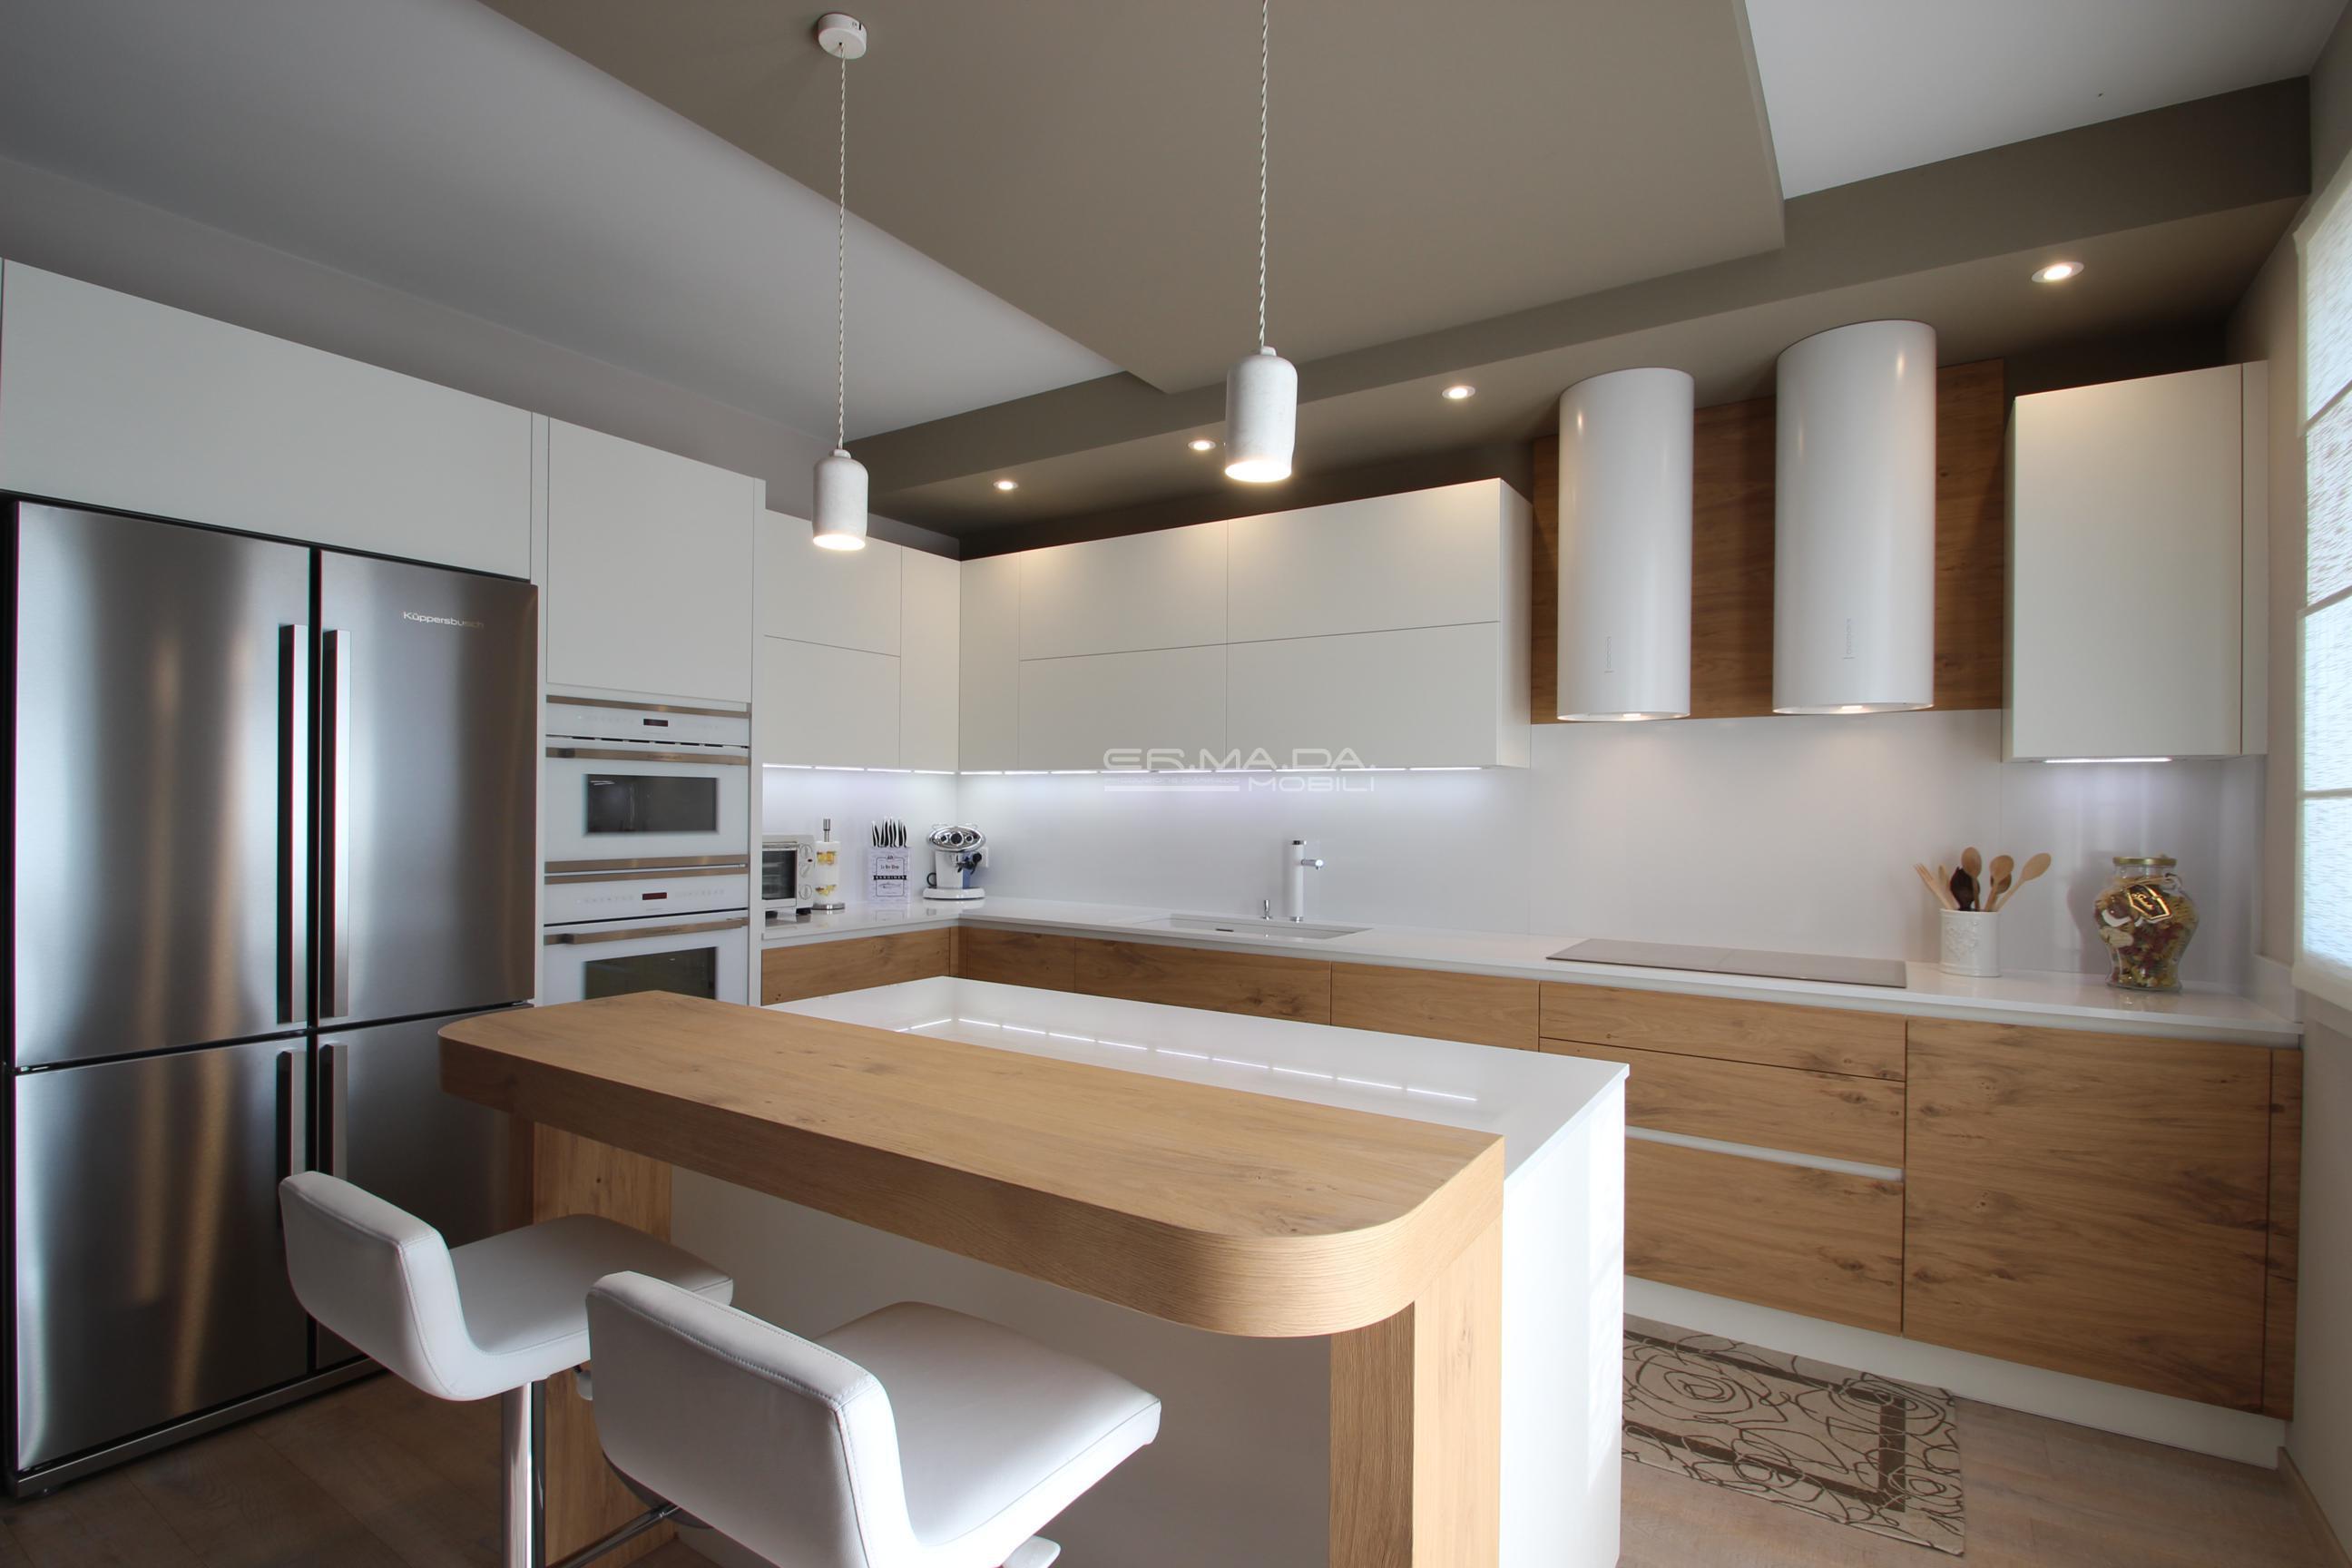 19 cucina rovere nodato naturalizzato er ma da mobilificio progetta e costruisce i tuoi - Cucine in rovere ...